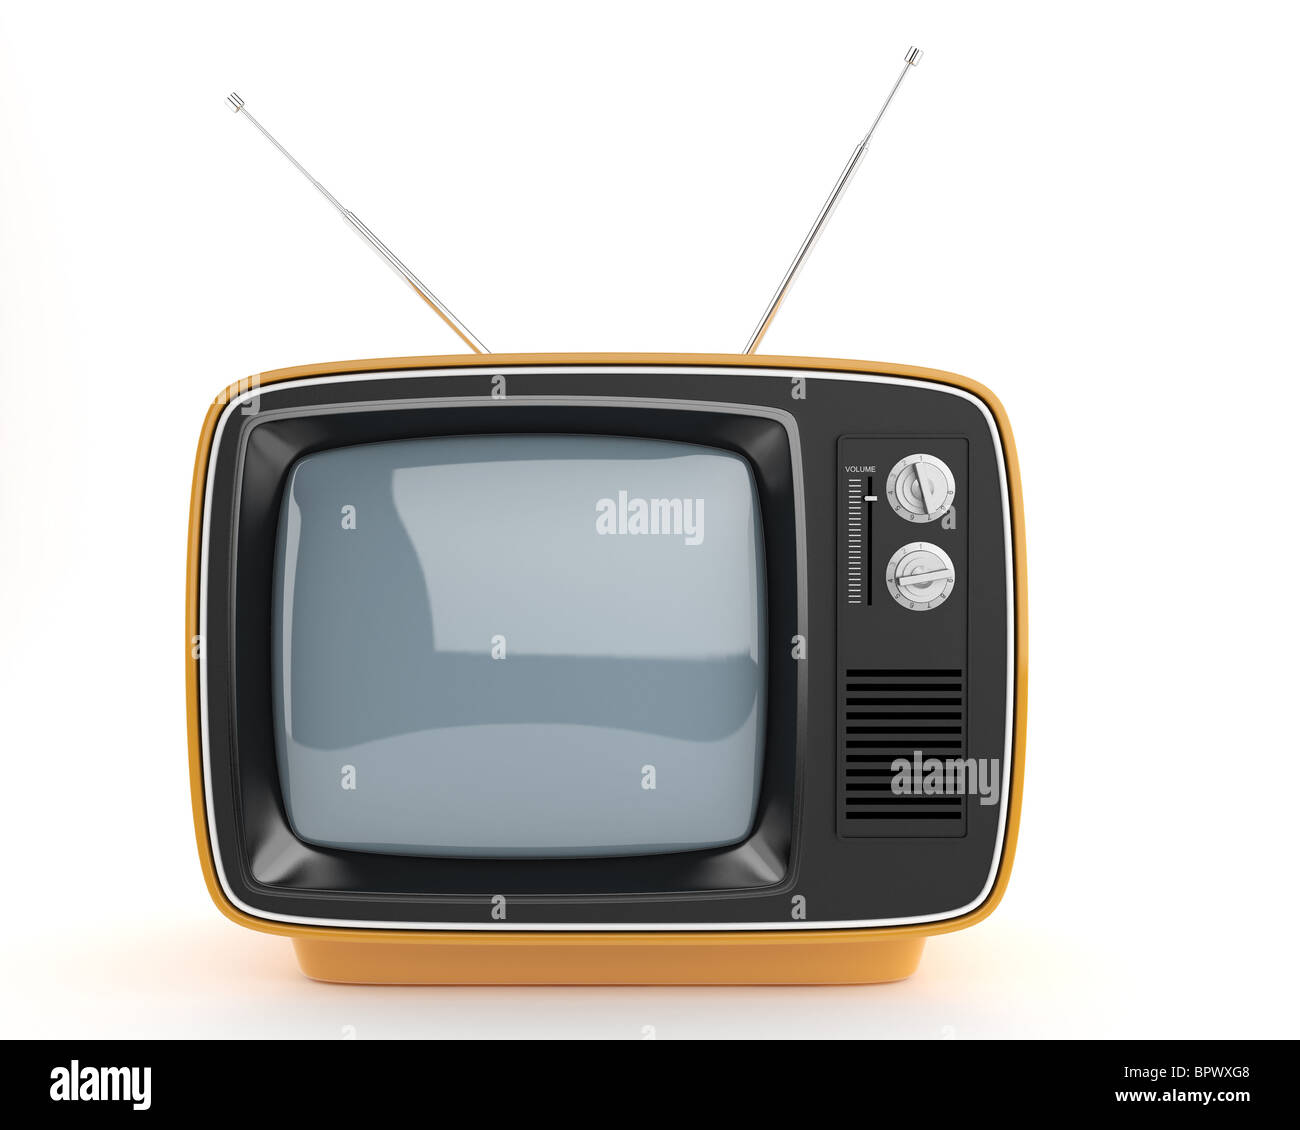 Vista frontal de uma laranja retro estilo televisivo TV, esta imagem contém um clipping caminho para isolamento Imagens de Stock